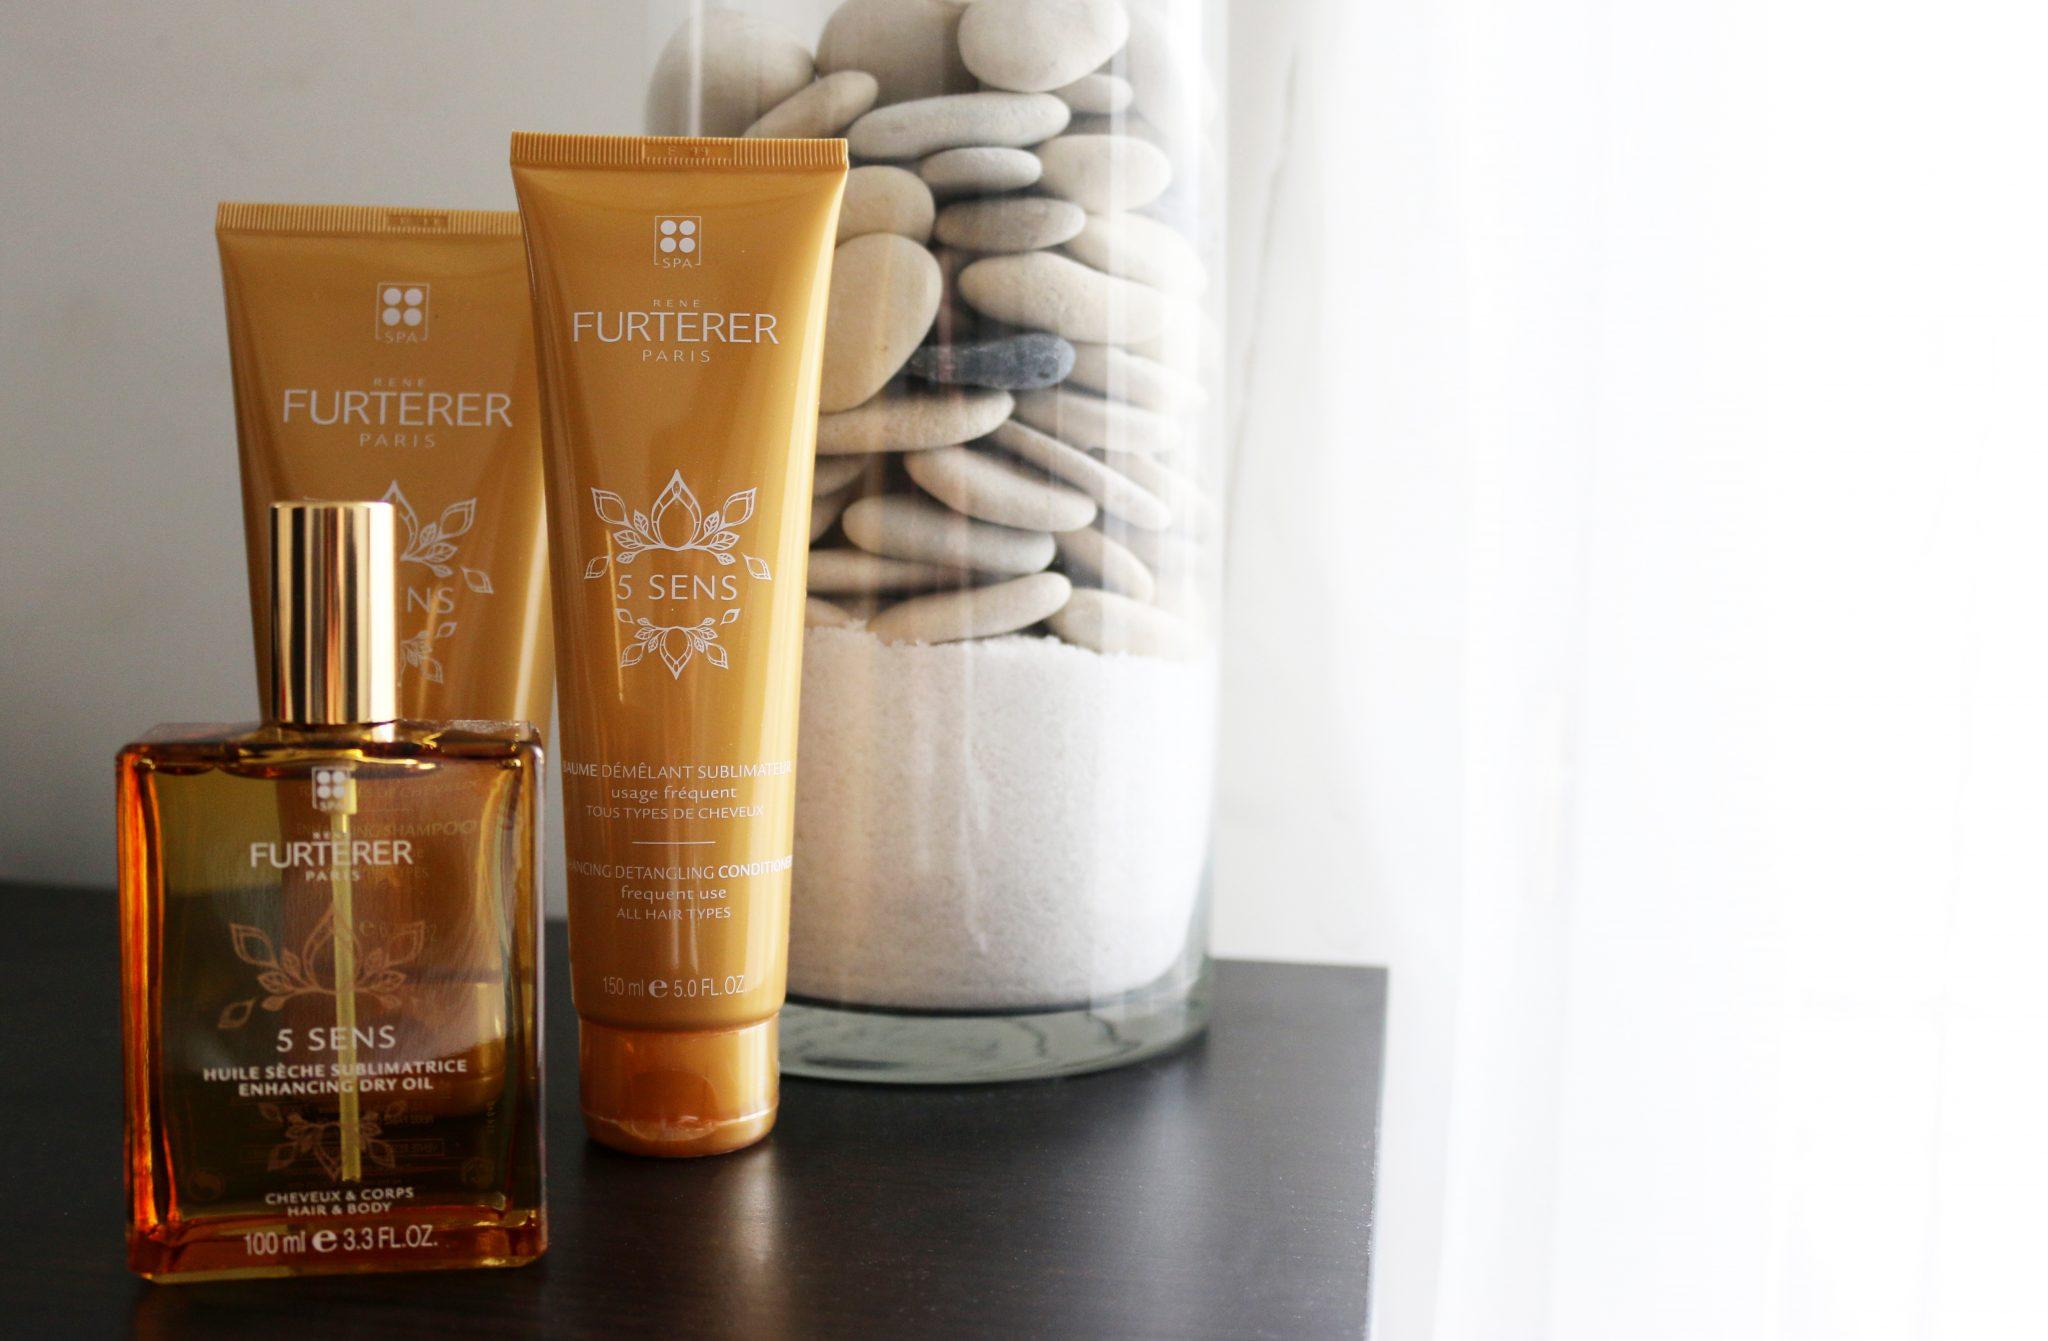 Pflege der fünf Sinne. Kosmetikprodukte zur Haarpflege Rene Furterer Paris 5 Sens